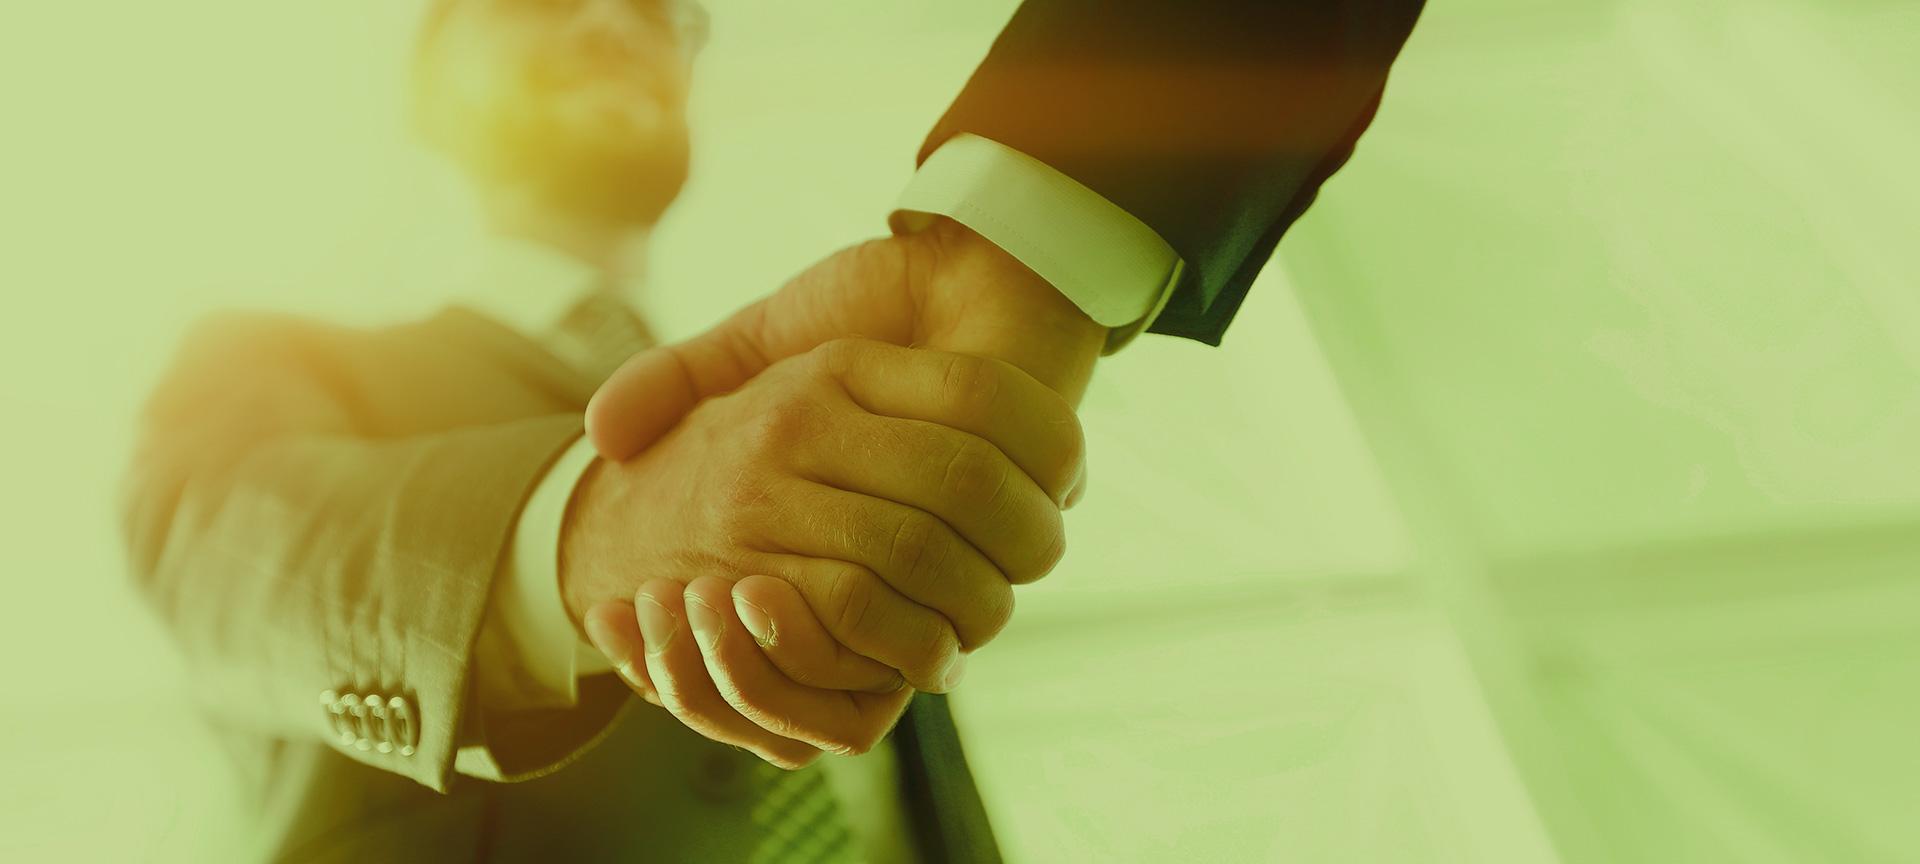 Procomix Technology Group Testimonials